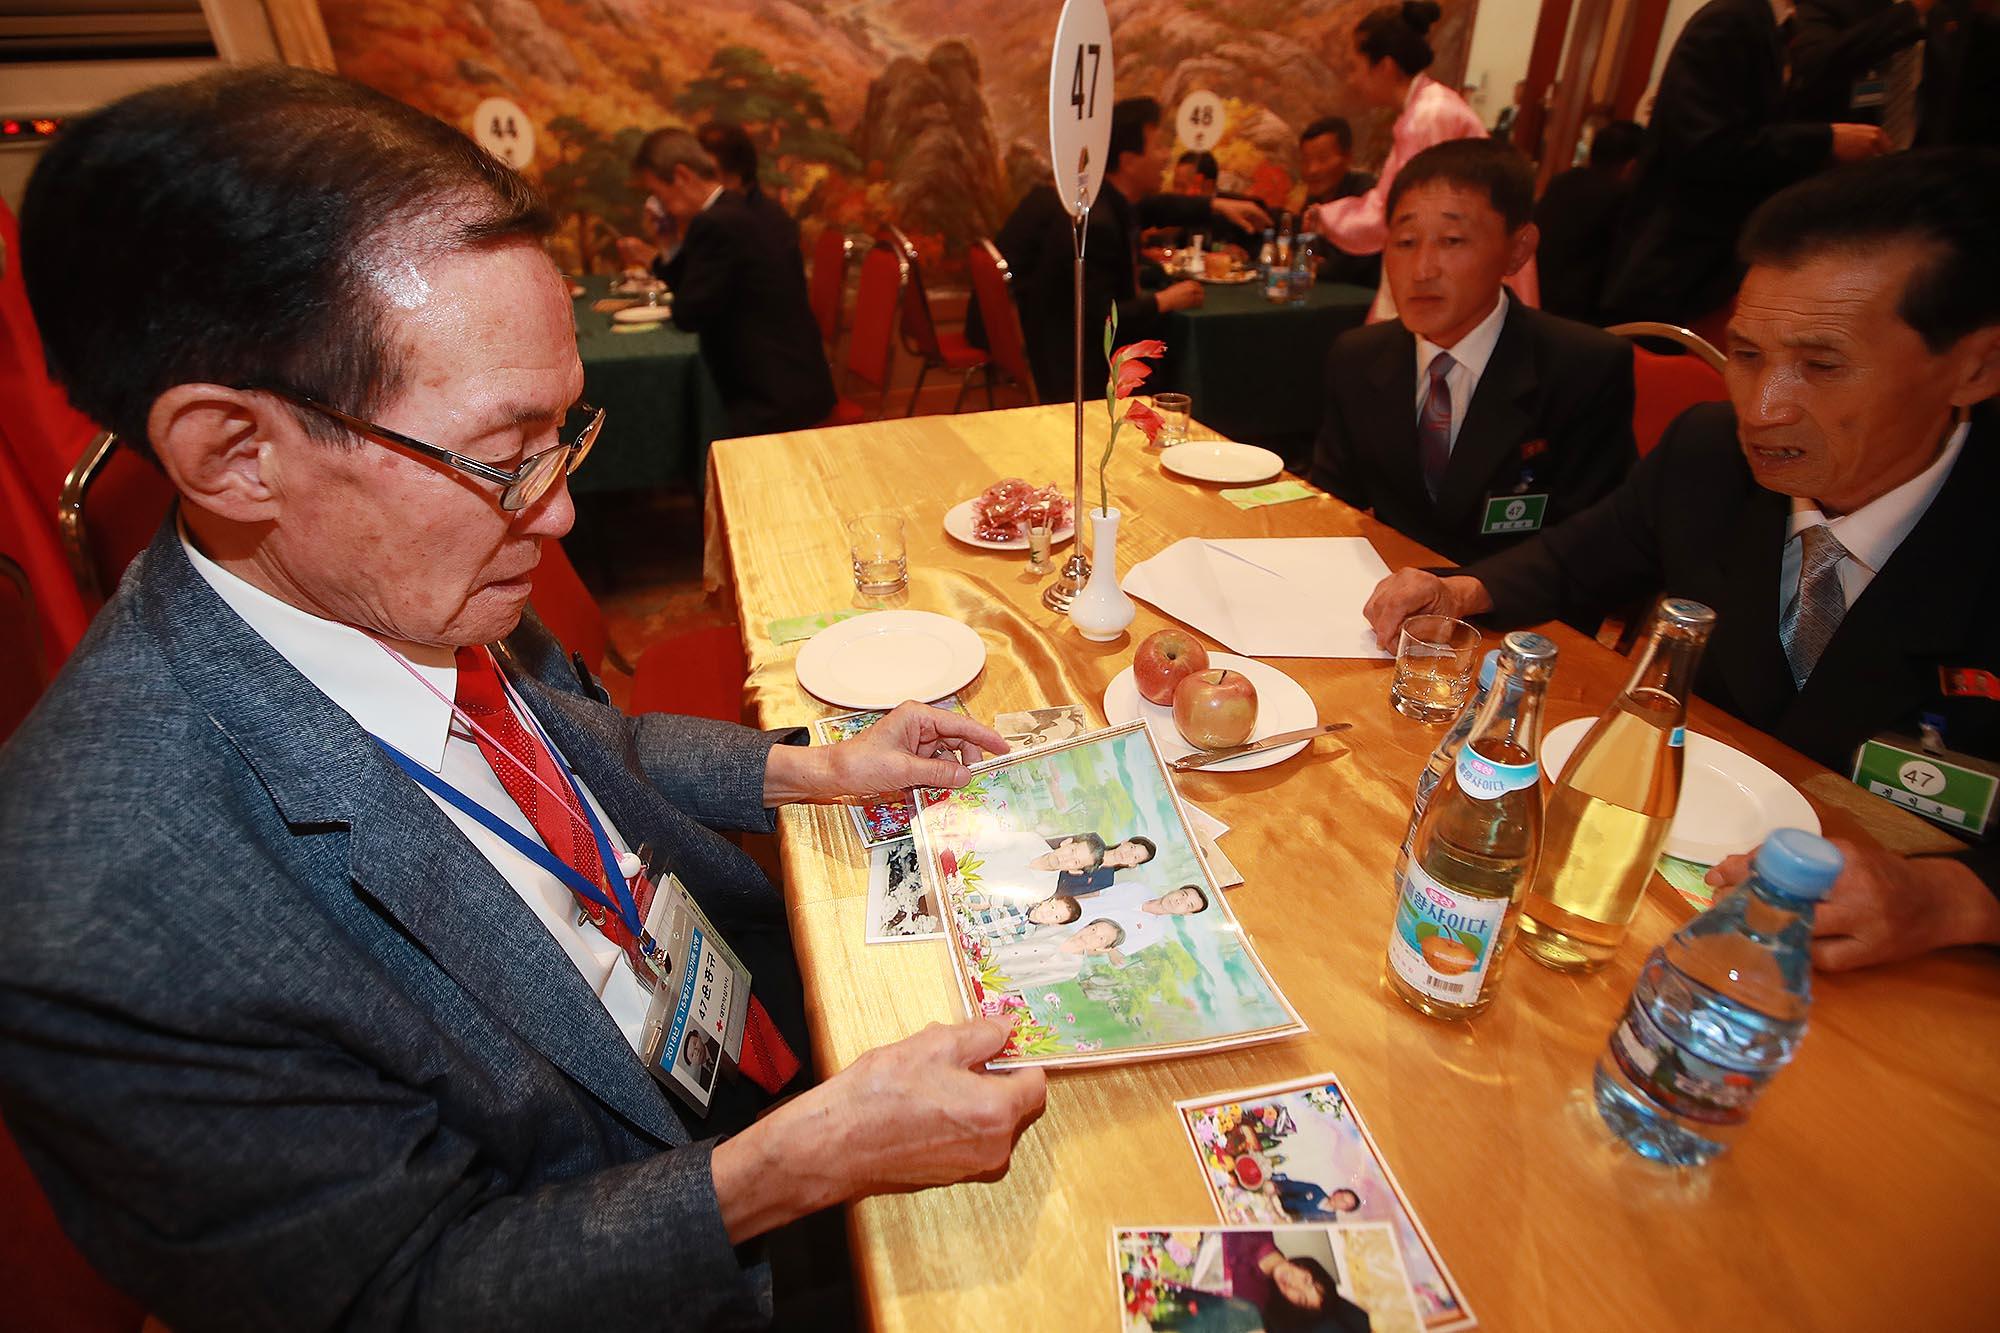 남측 윤흥규(92) 할아버지가 북측에서 온 외조카손자 김상욱(38)씨의 가족사진을 보고 있다.사진공동취재단